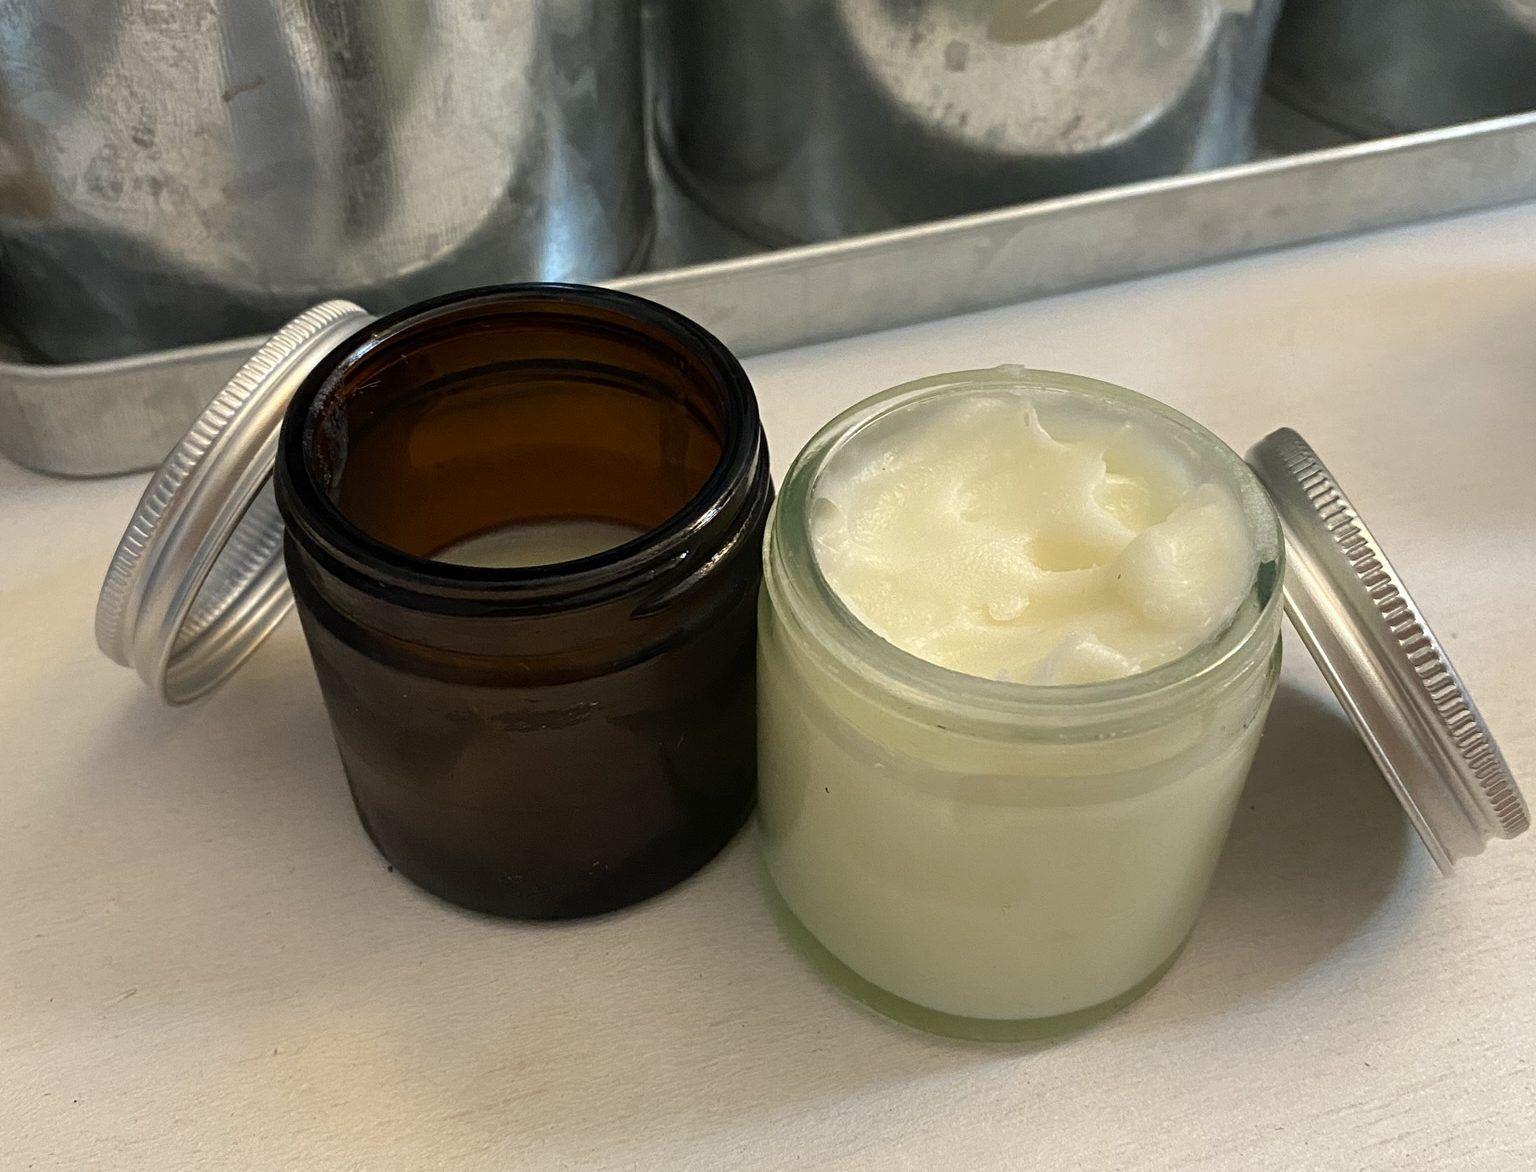 Cómo hace desodorante casero y natural